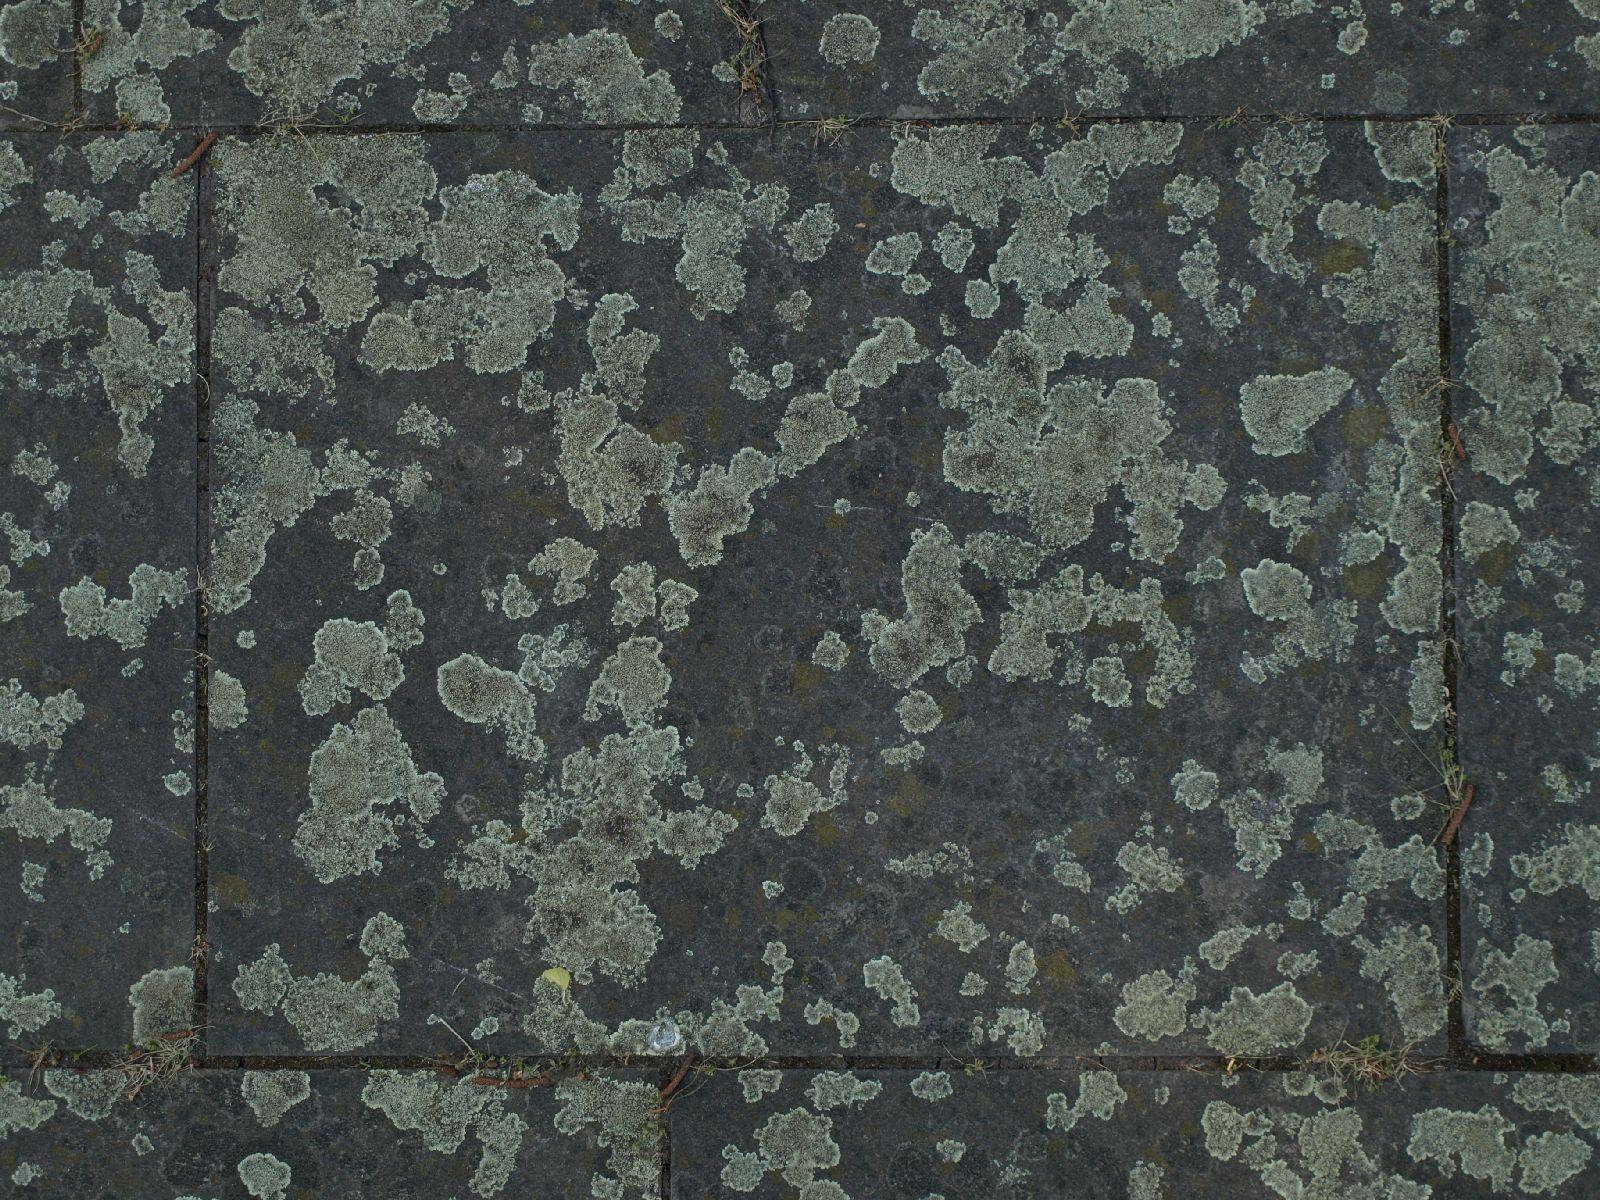 Ground-Urban_Texture_A_P5122665